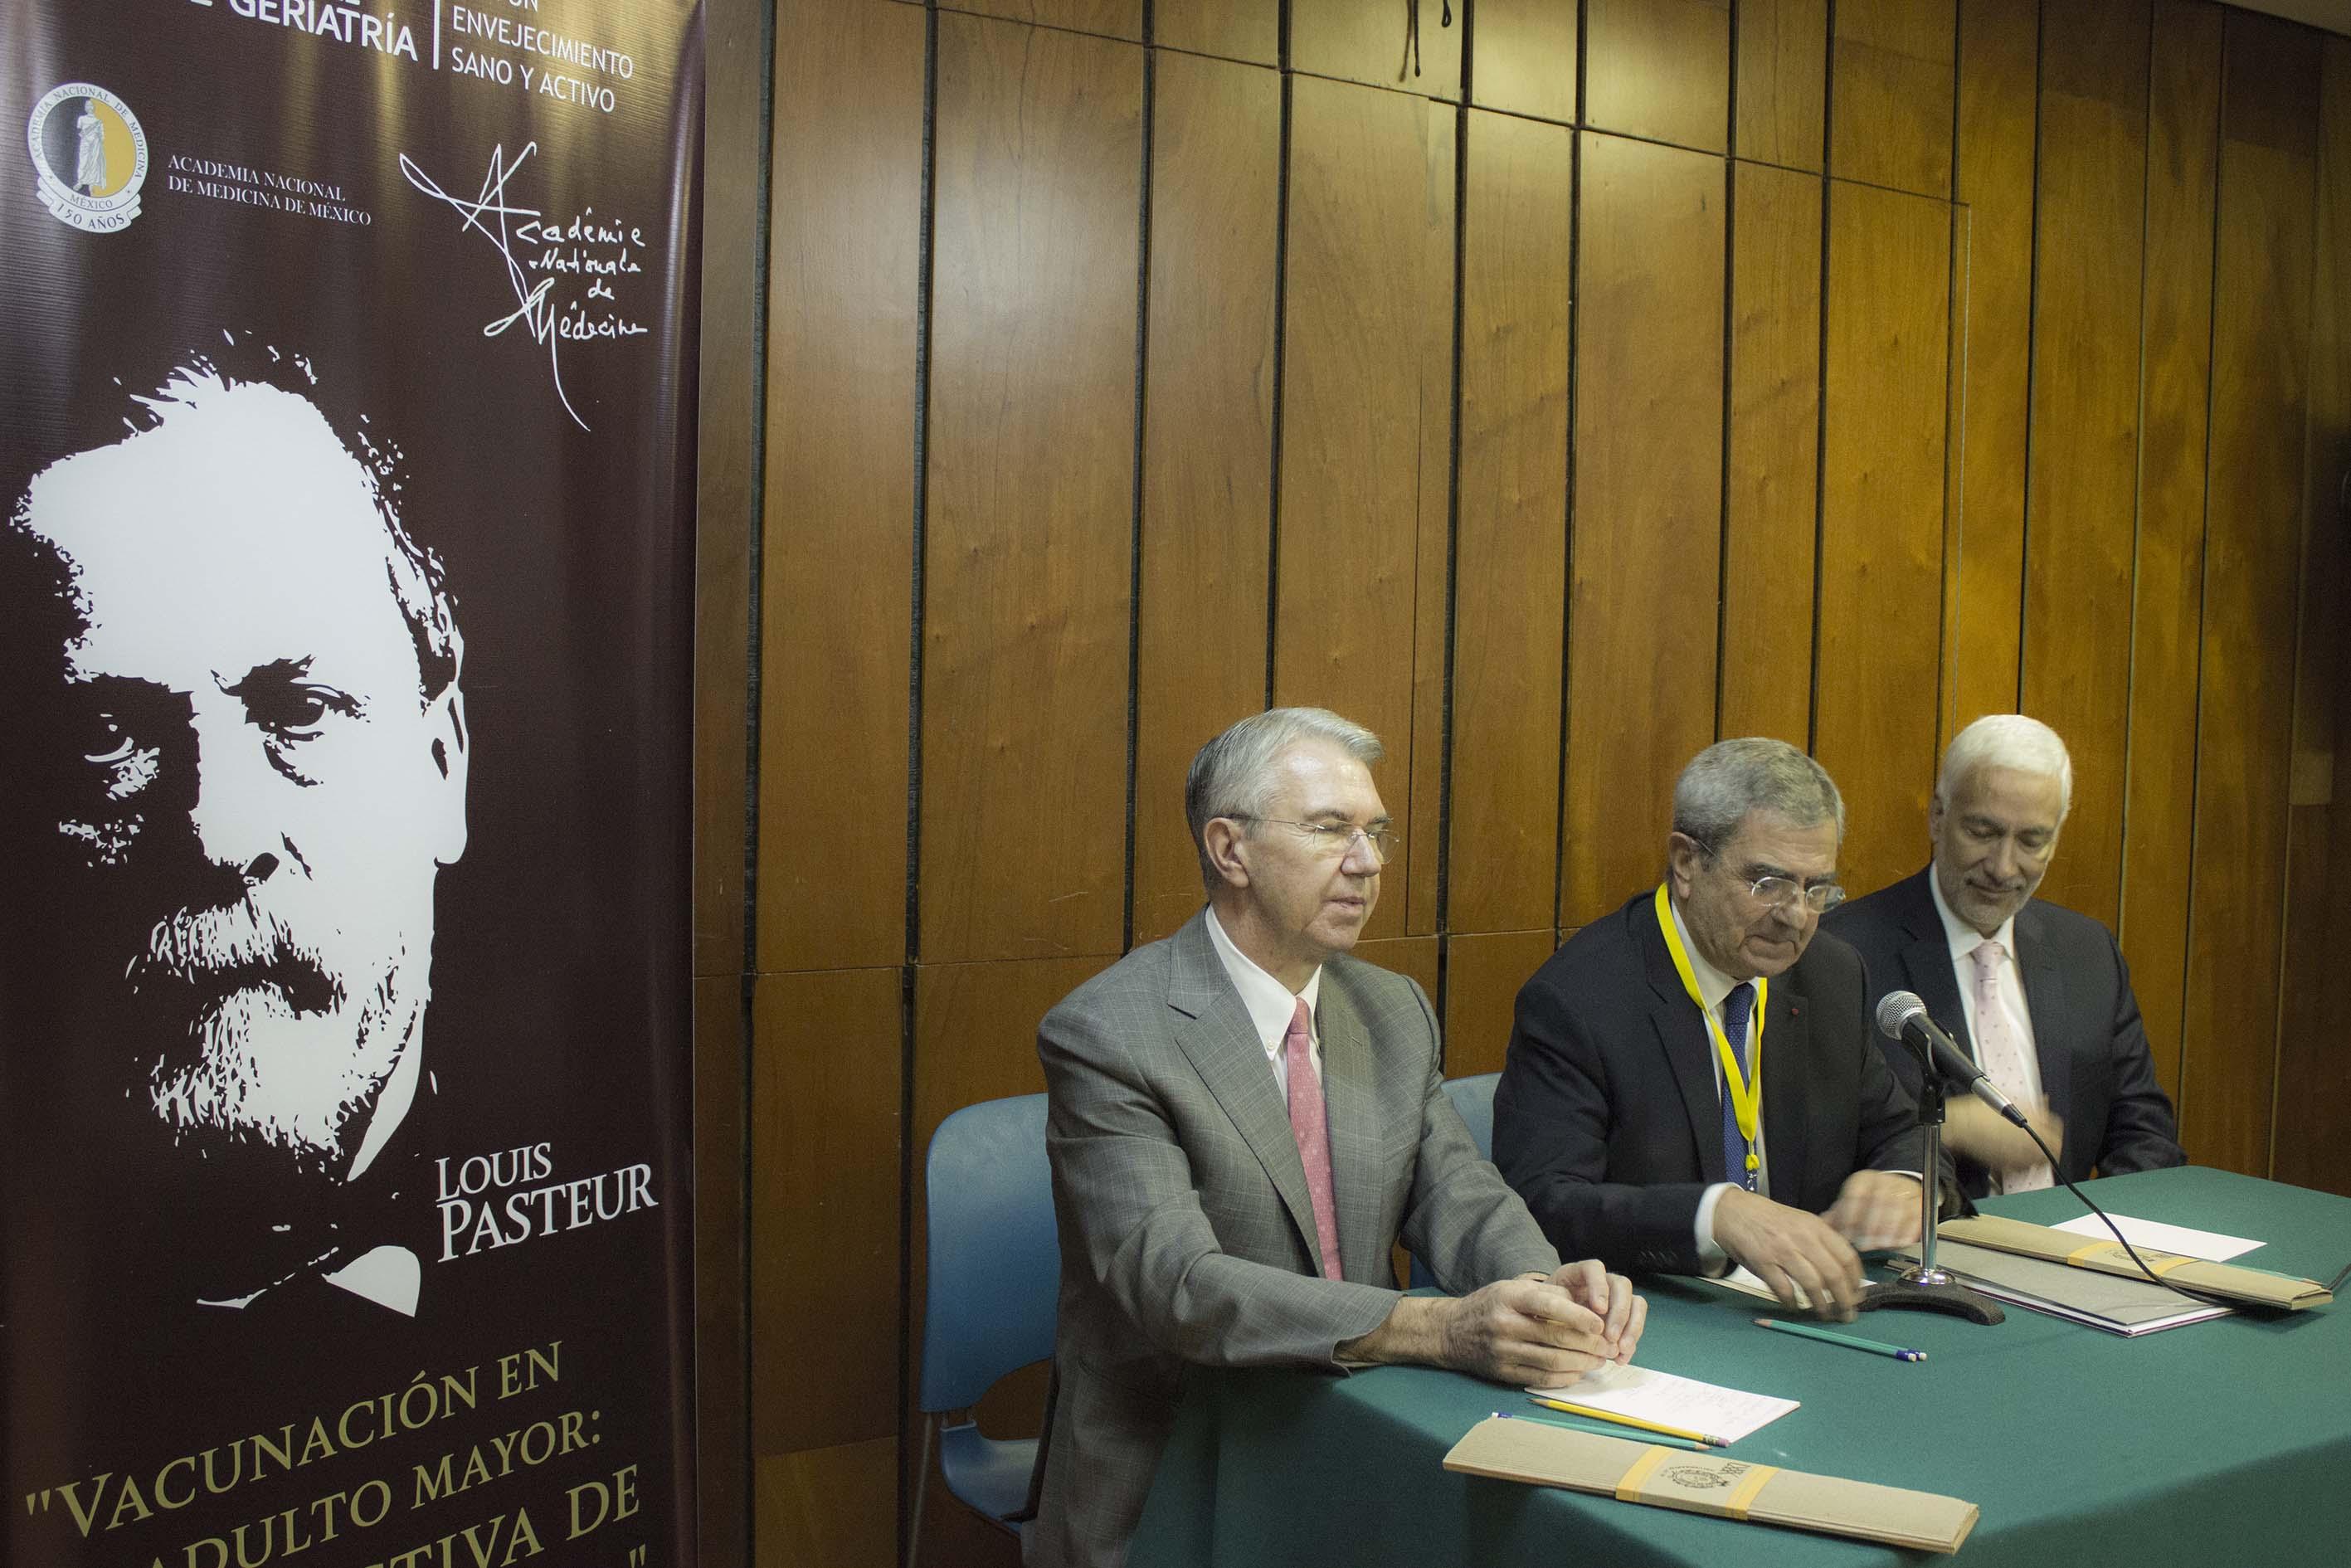 CONFERENCIA DE PRENSA VACUNACIu00D3N EN EL ADULTO MAYOR PERSPECTIVA DE CURSO DE VIDA261114  2 .jpg